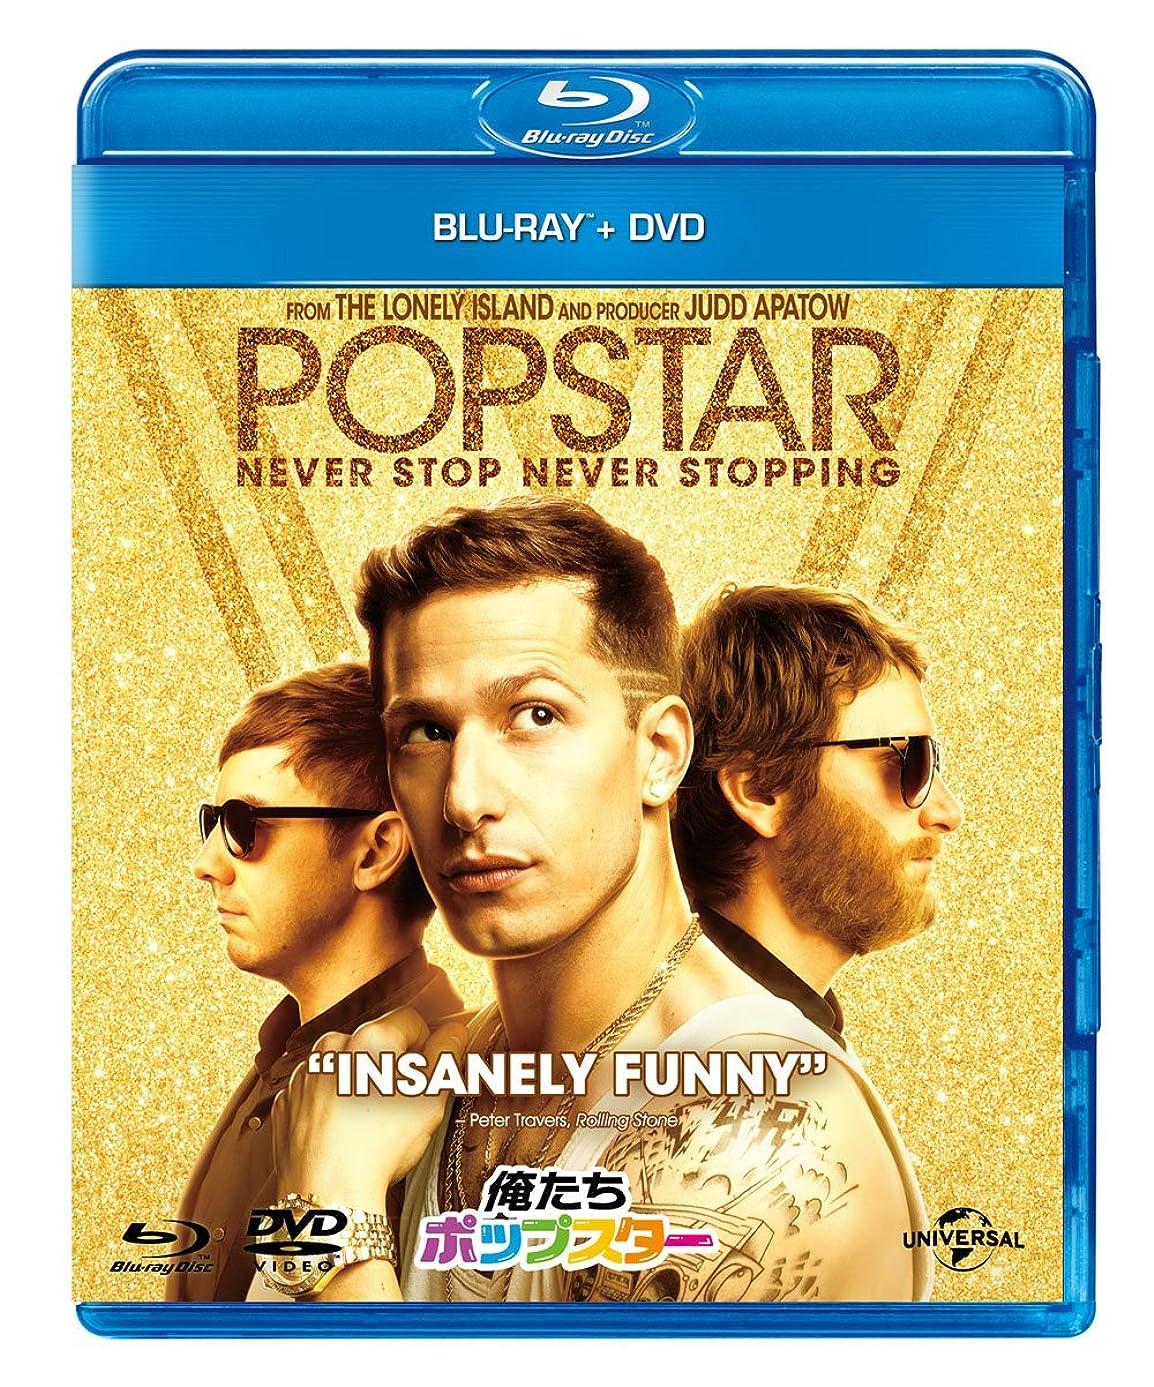 膨張するバック本質的に俺たちポップスター ブルーレイ+DVDセット [Blu-ray]